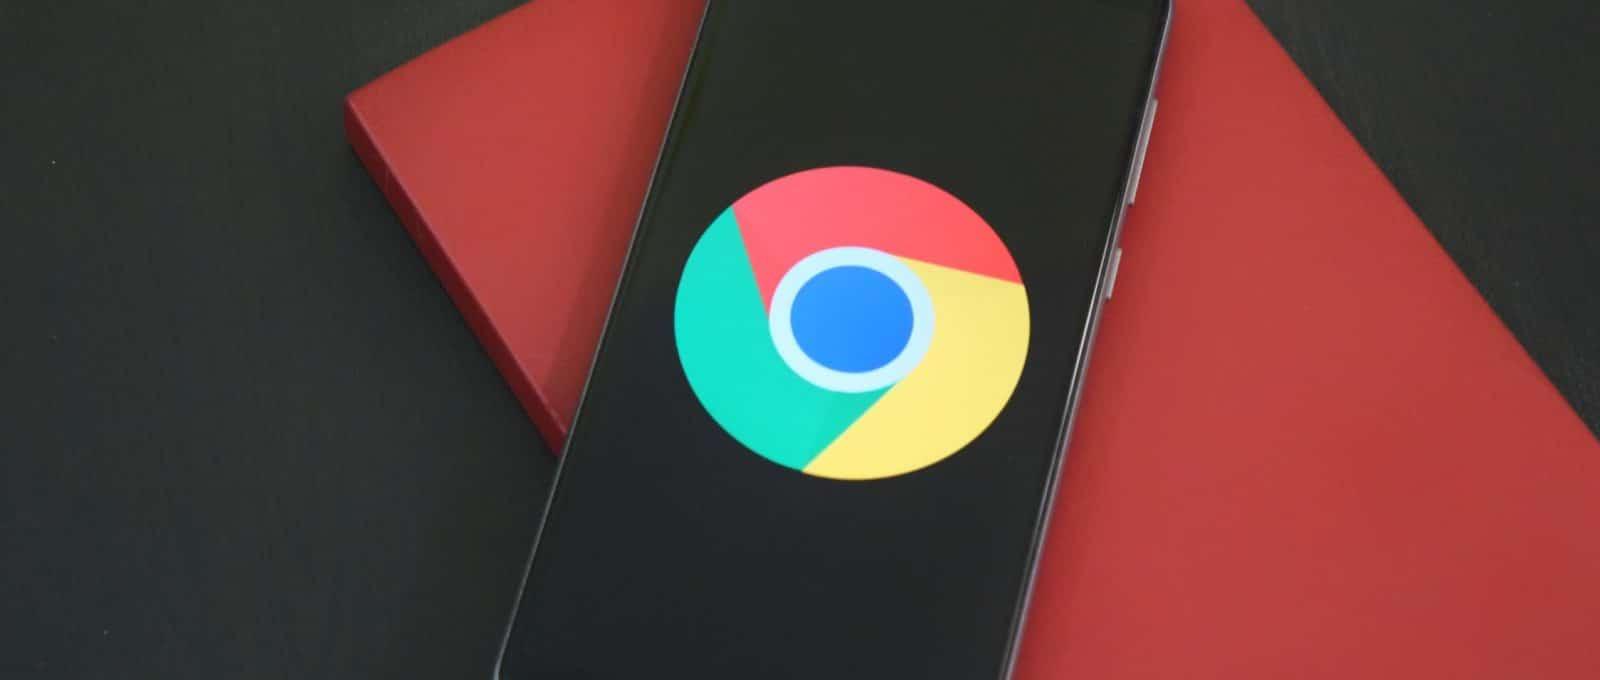 Chaussures connectées : Google se lance dans la course aux meilleurs modèles